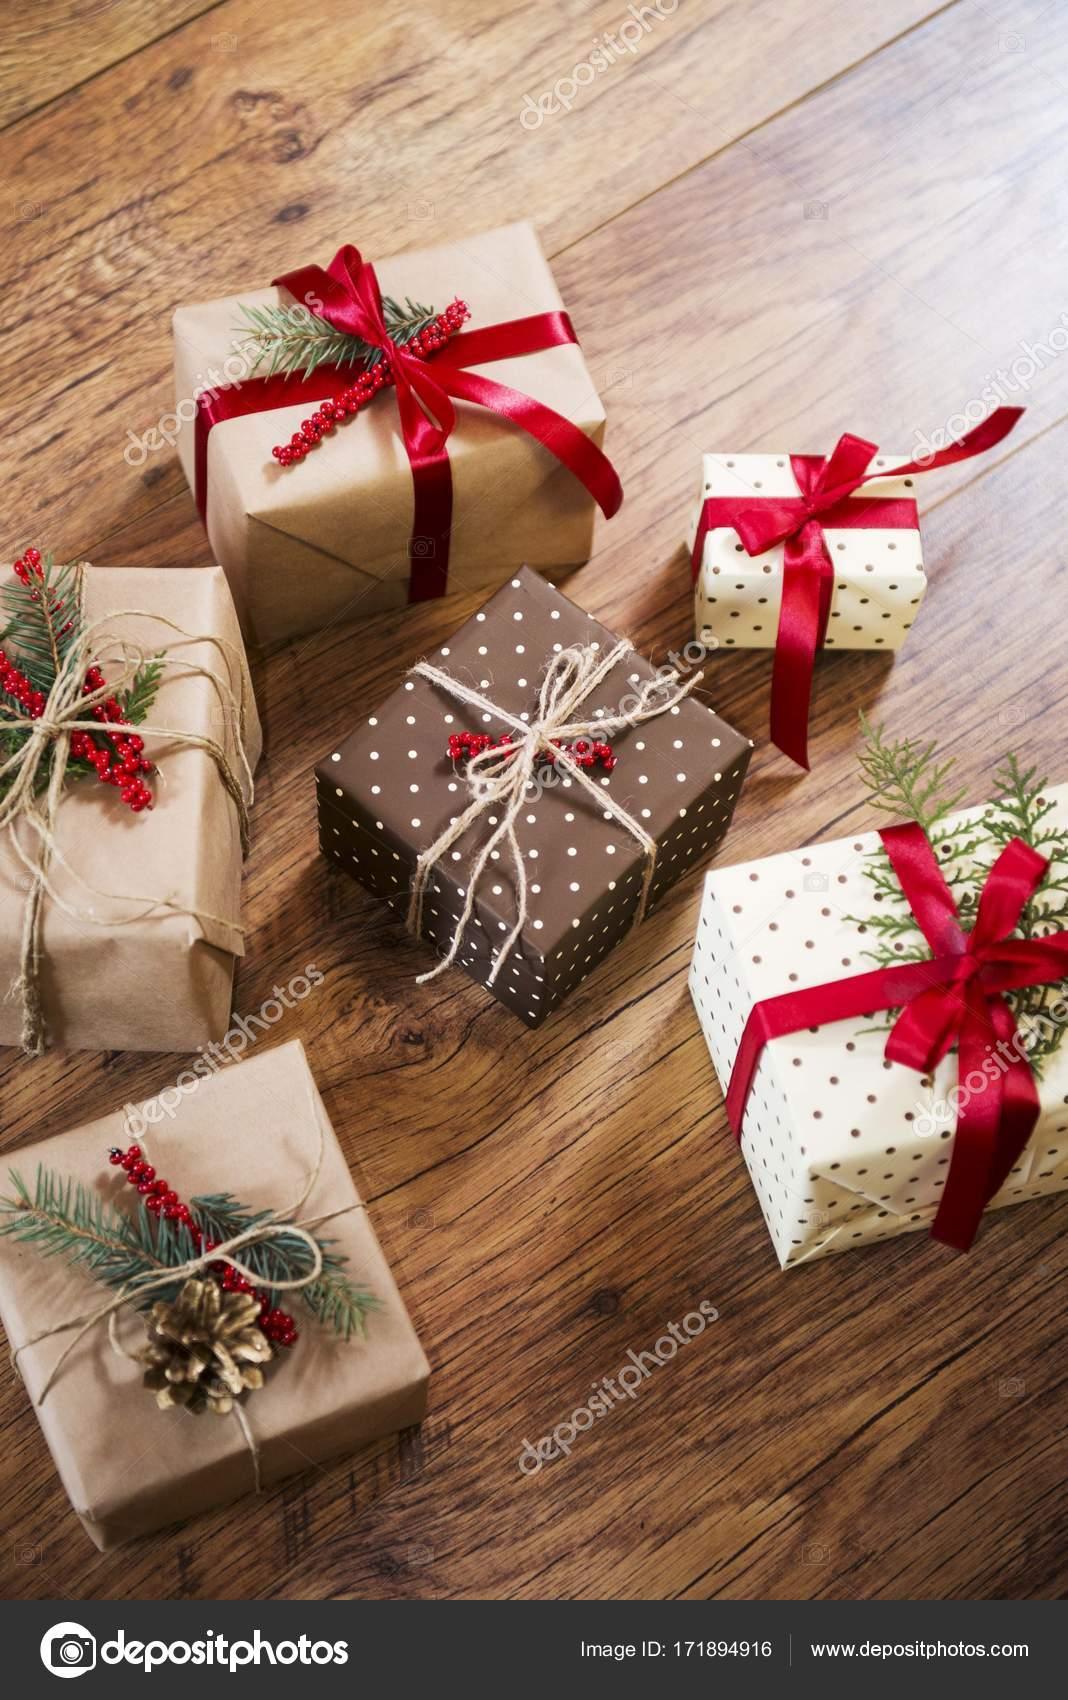 Regali Di Natale In Legno.Regali Di Natale Sulla Tavola Di Legno Foto Stock C Djordjenovakov